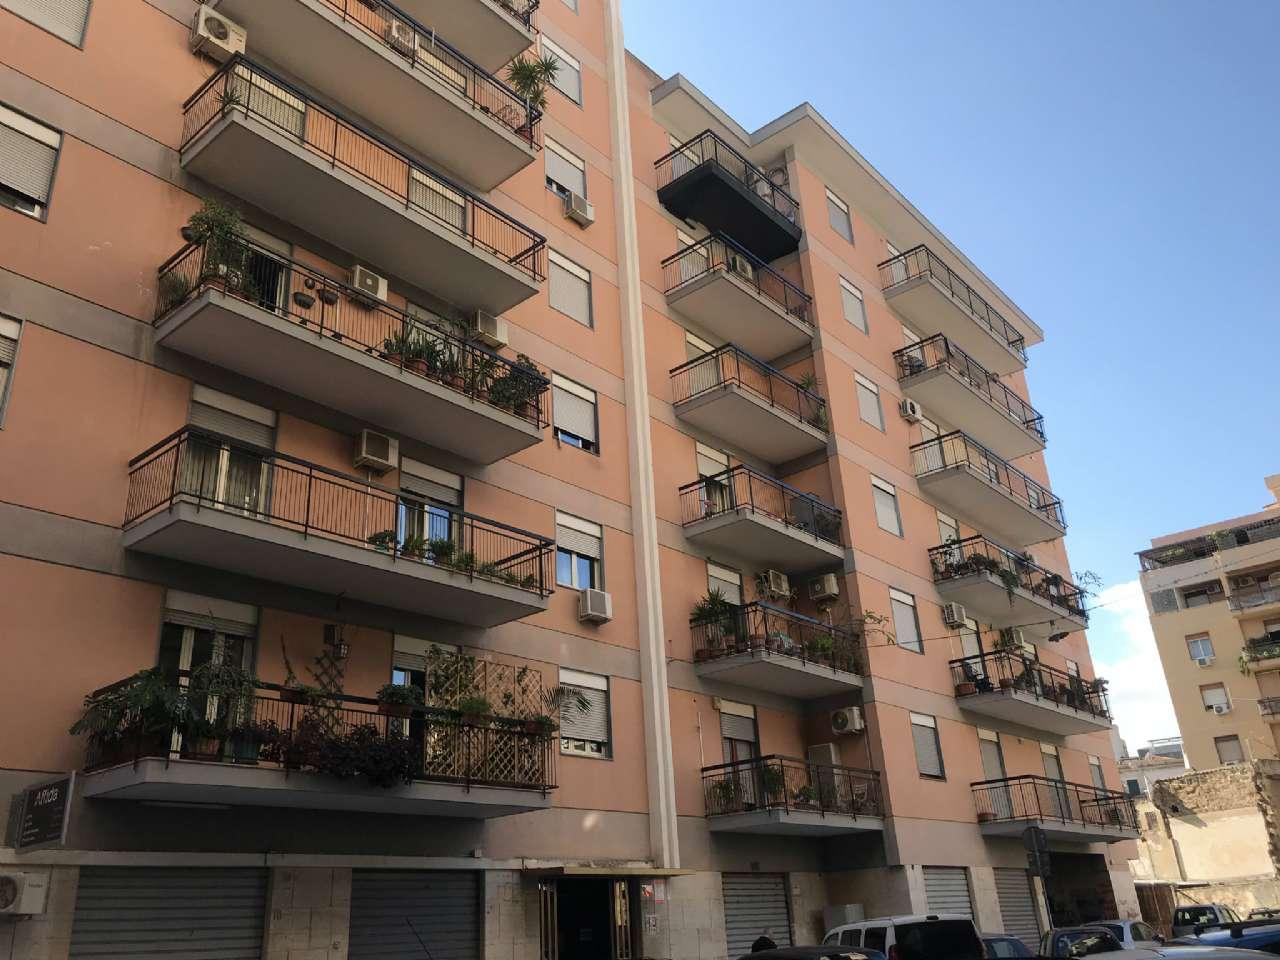 Trilocale, Via Filippo Orioles, Zona Tribunale/Imera, Palermo, foto 1